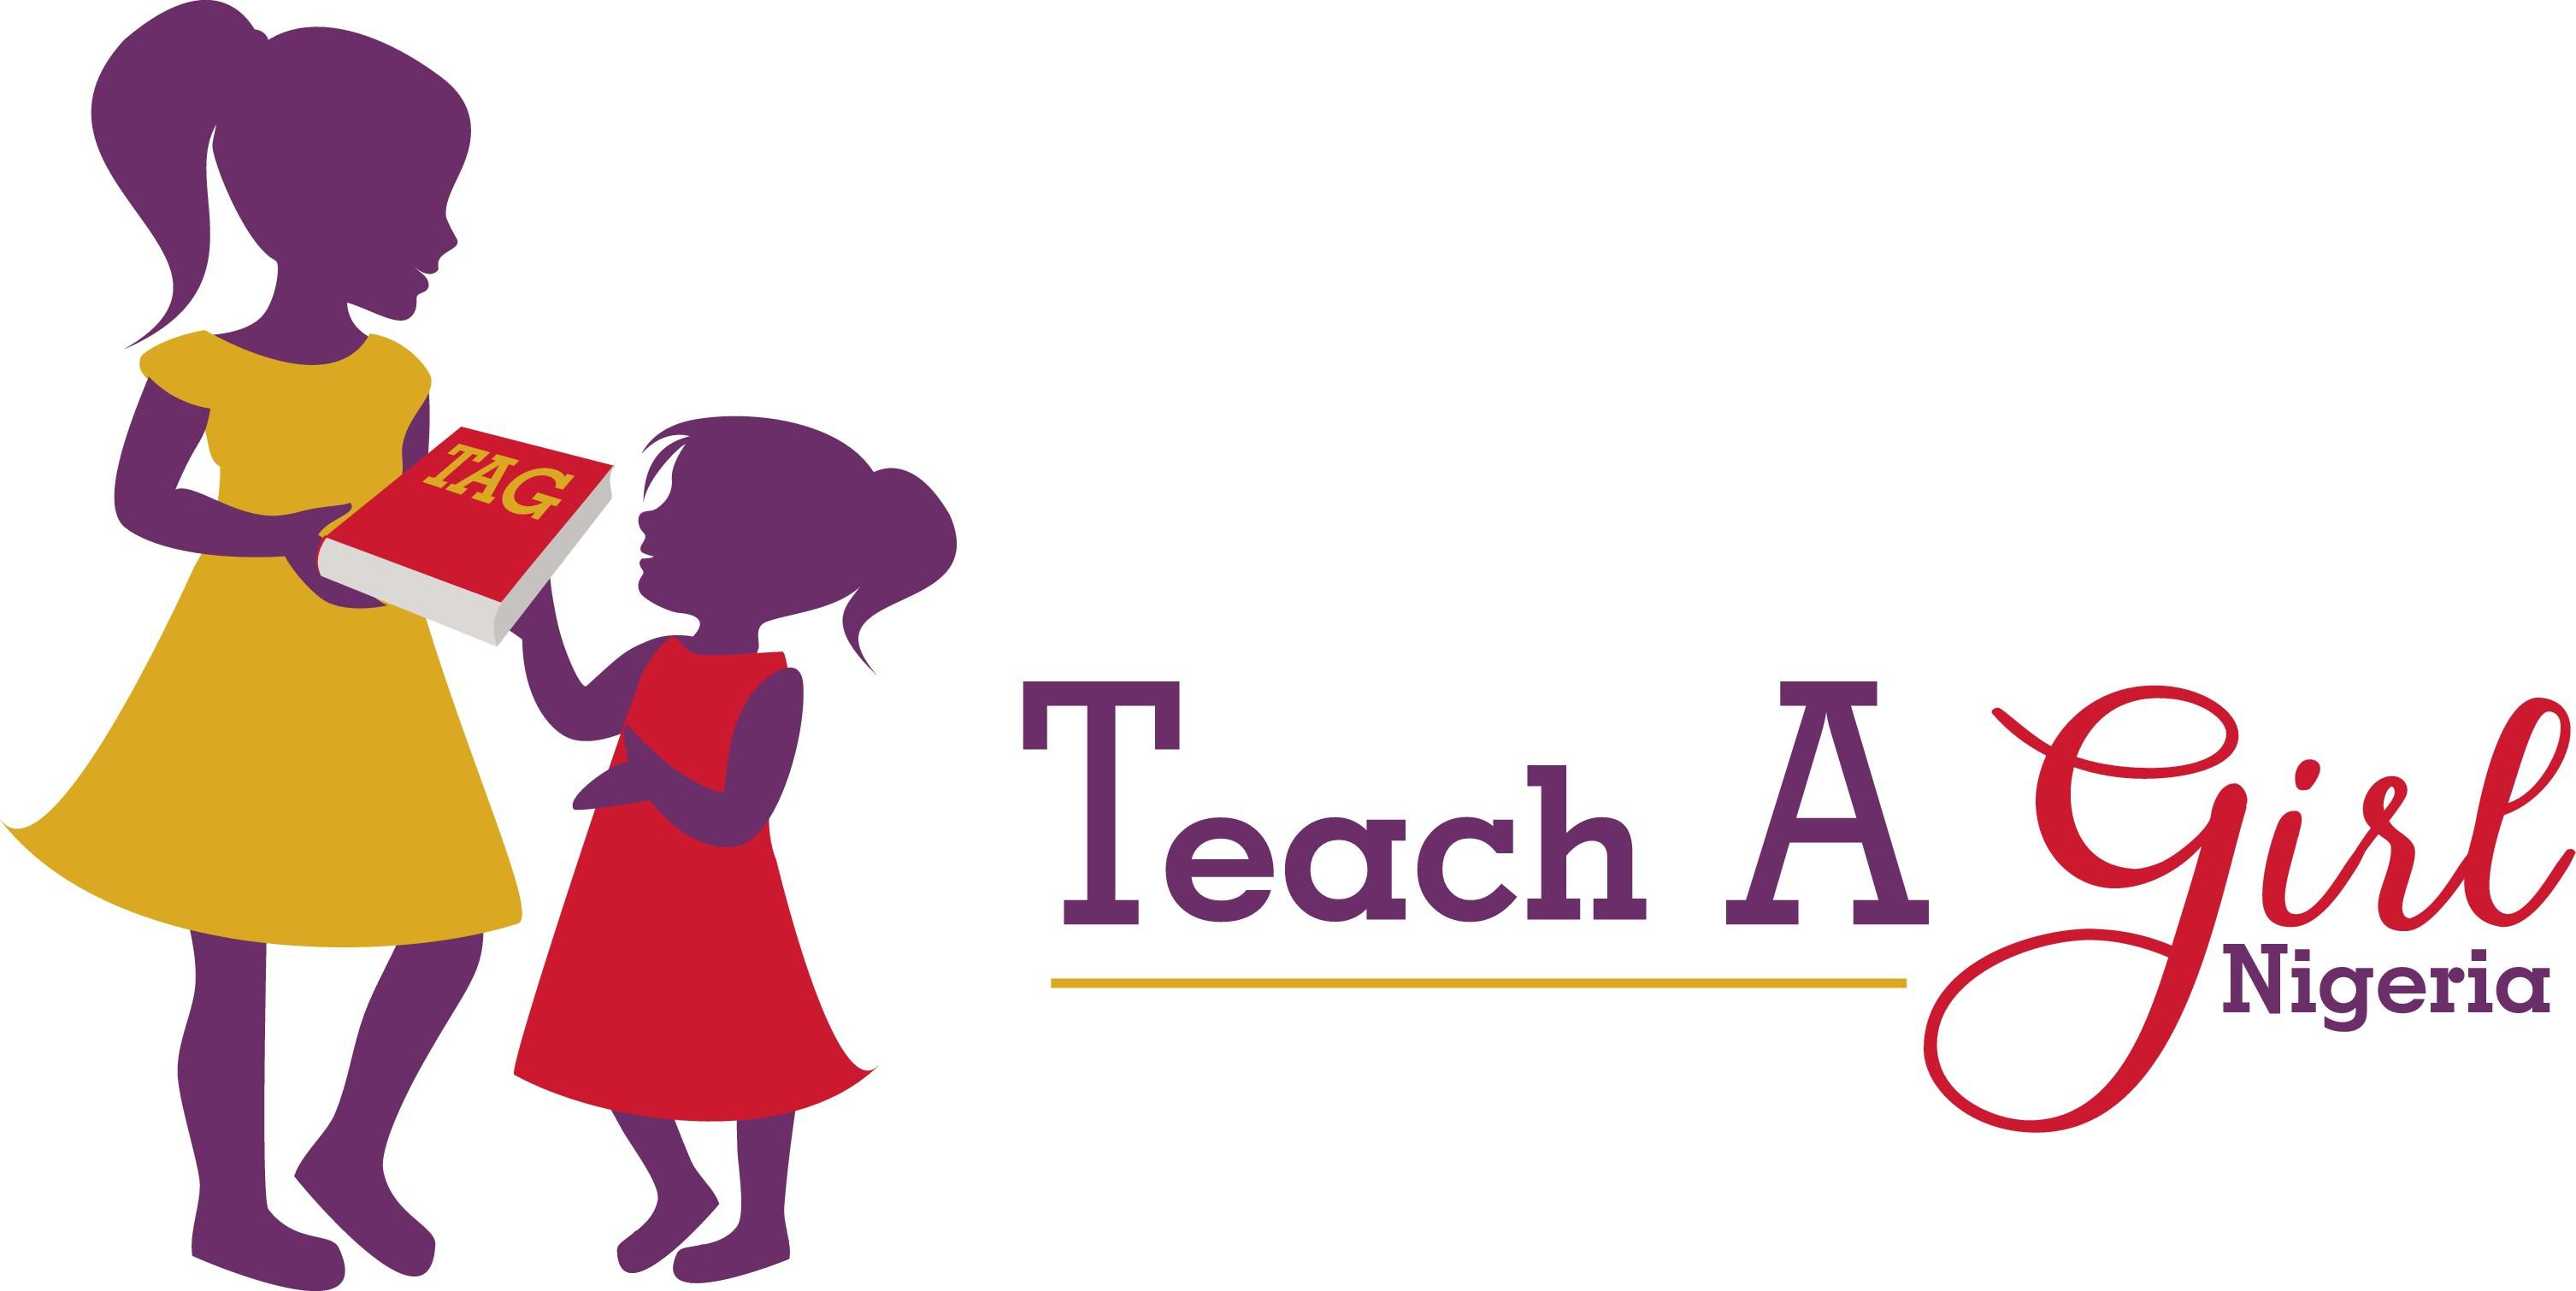 Create an impactful Logo for Teach A Girl Ng.